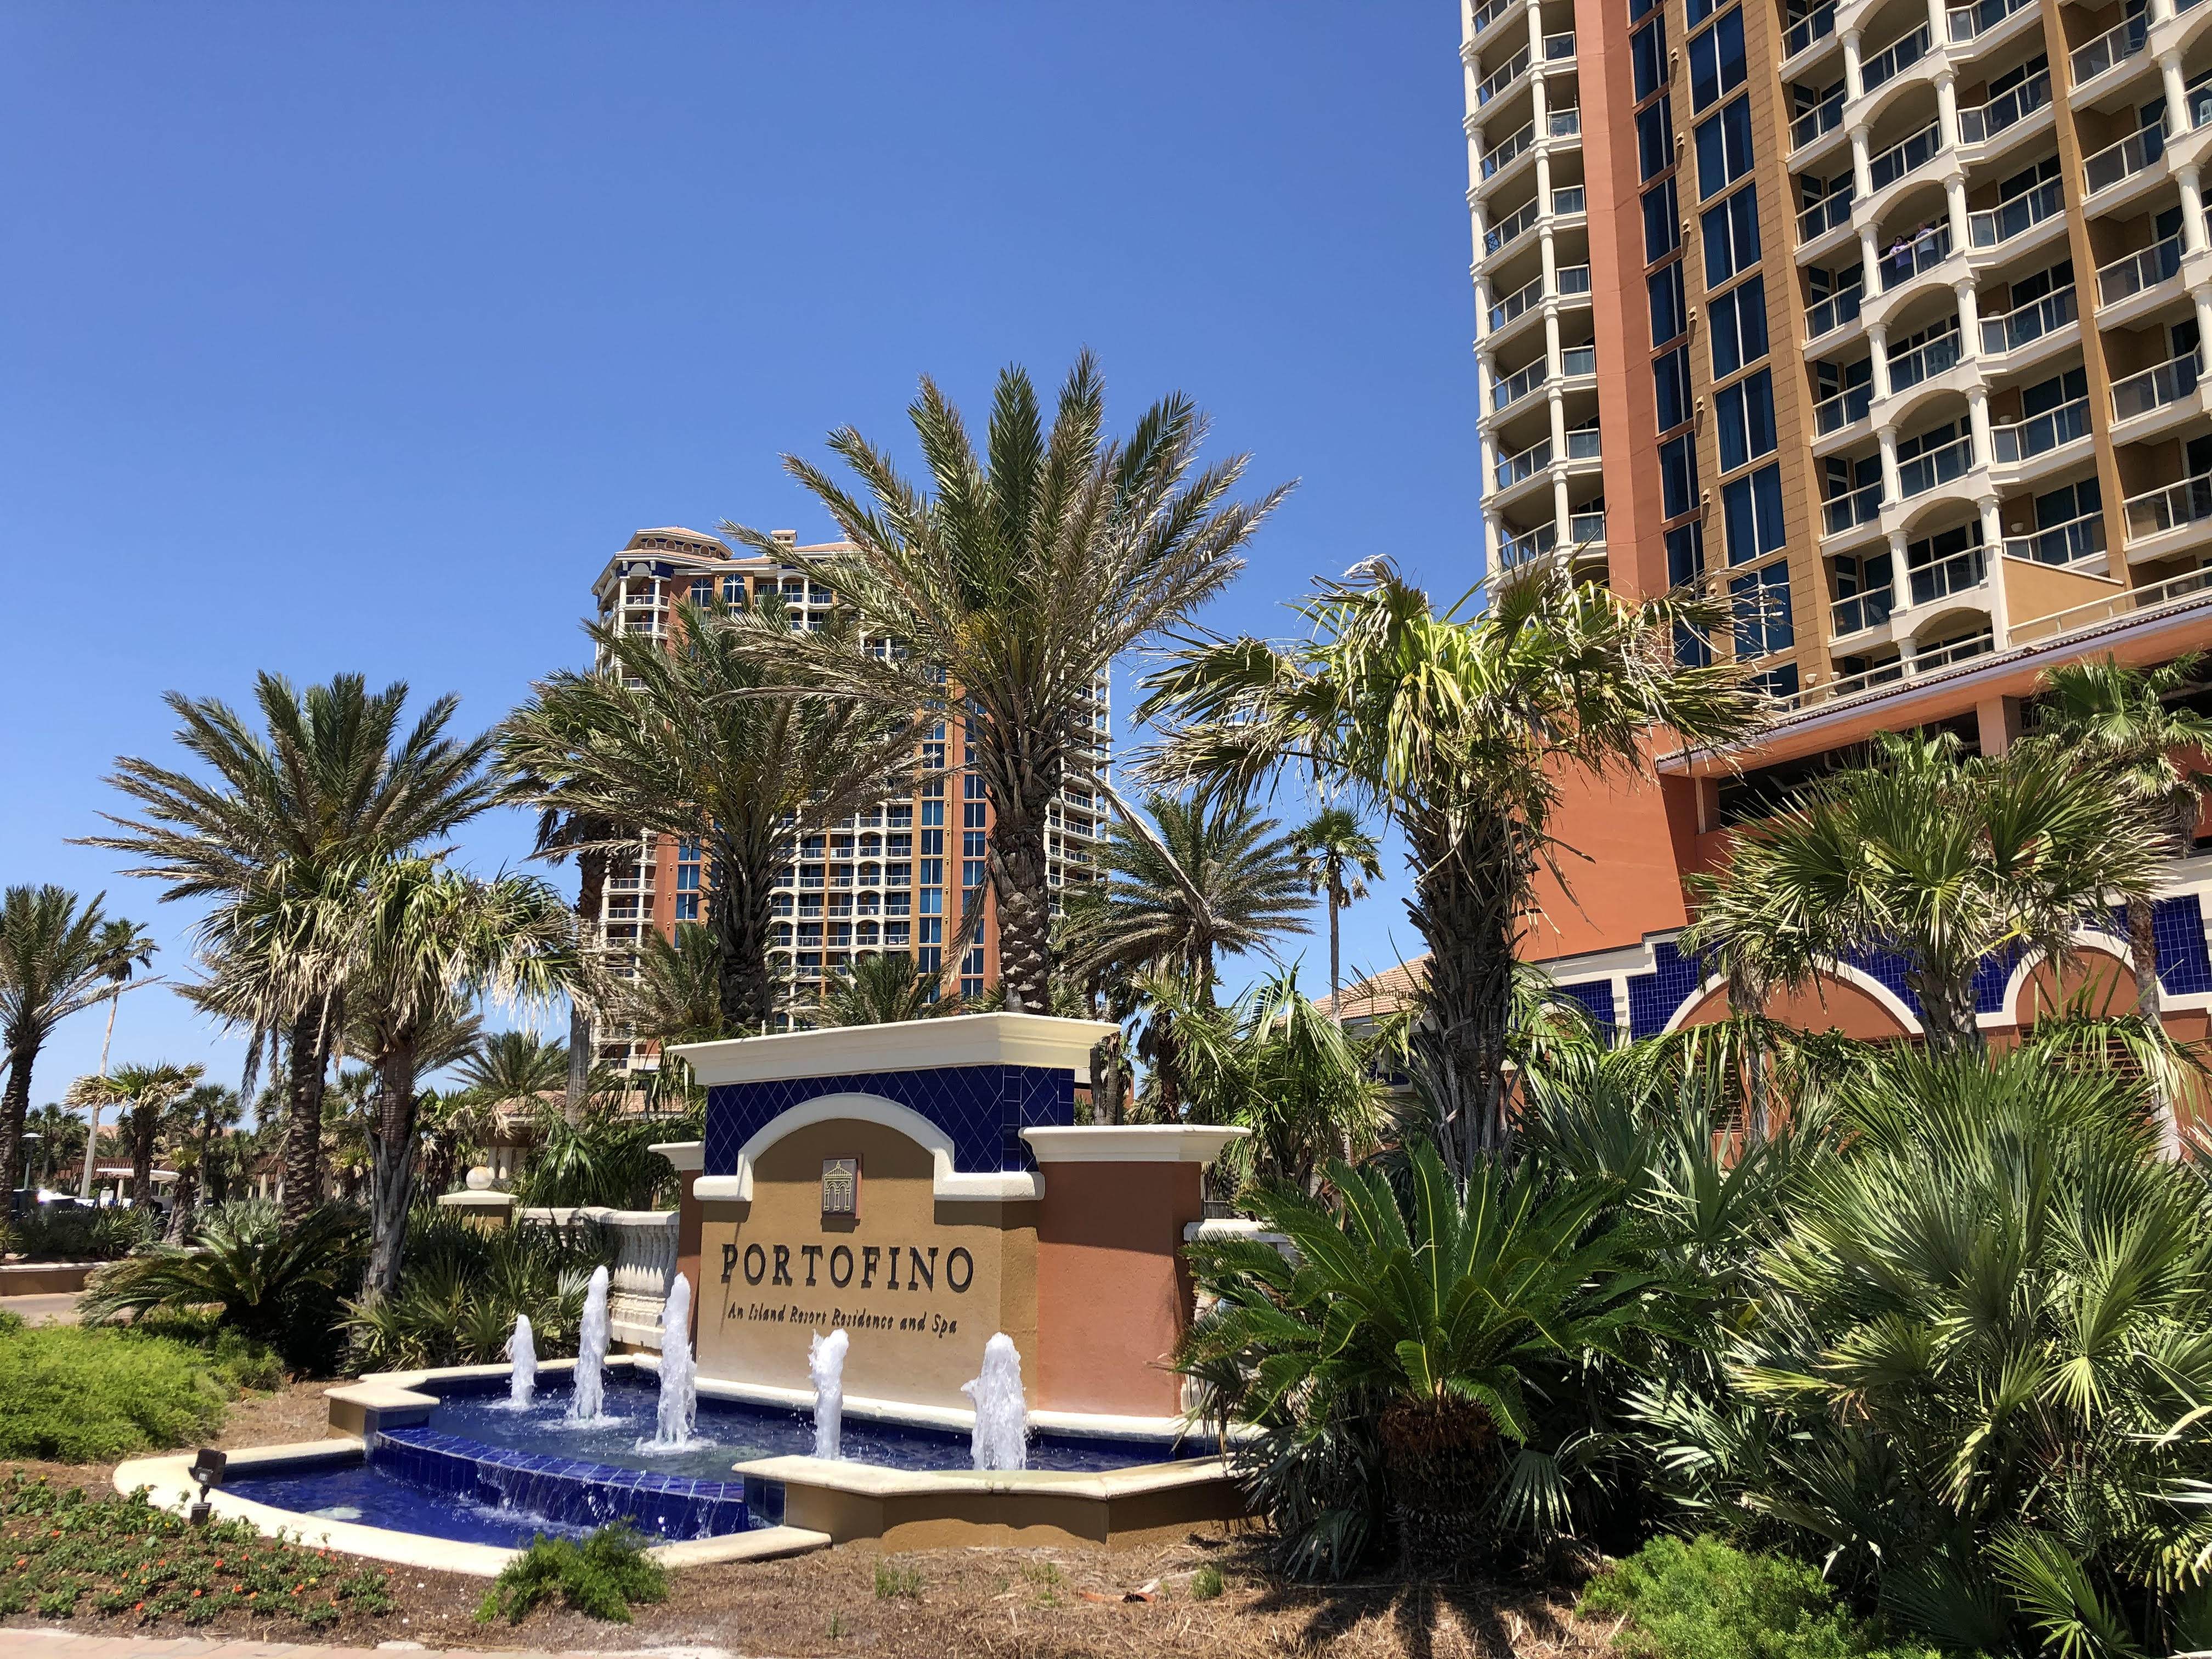 portofino island resort condos for sale Pensacola Beach